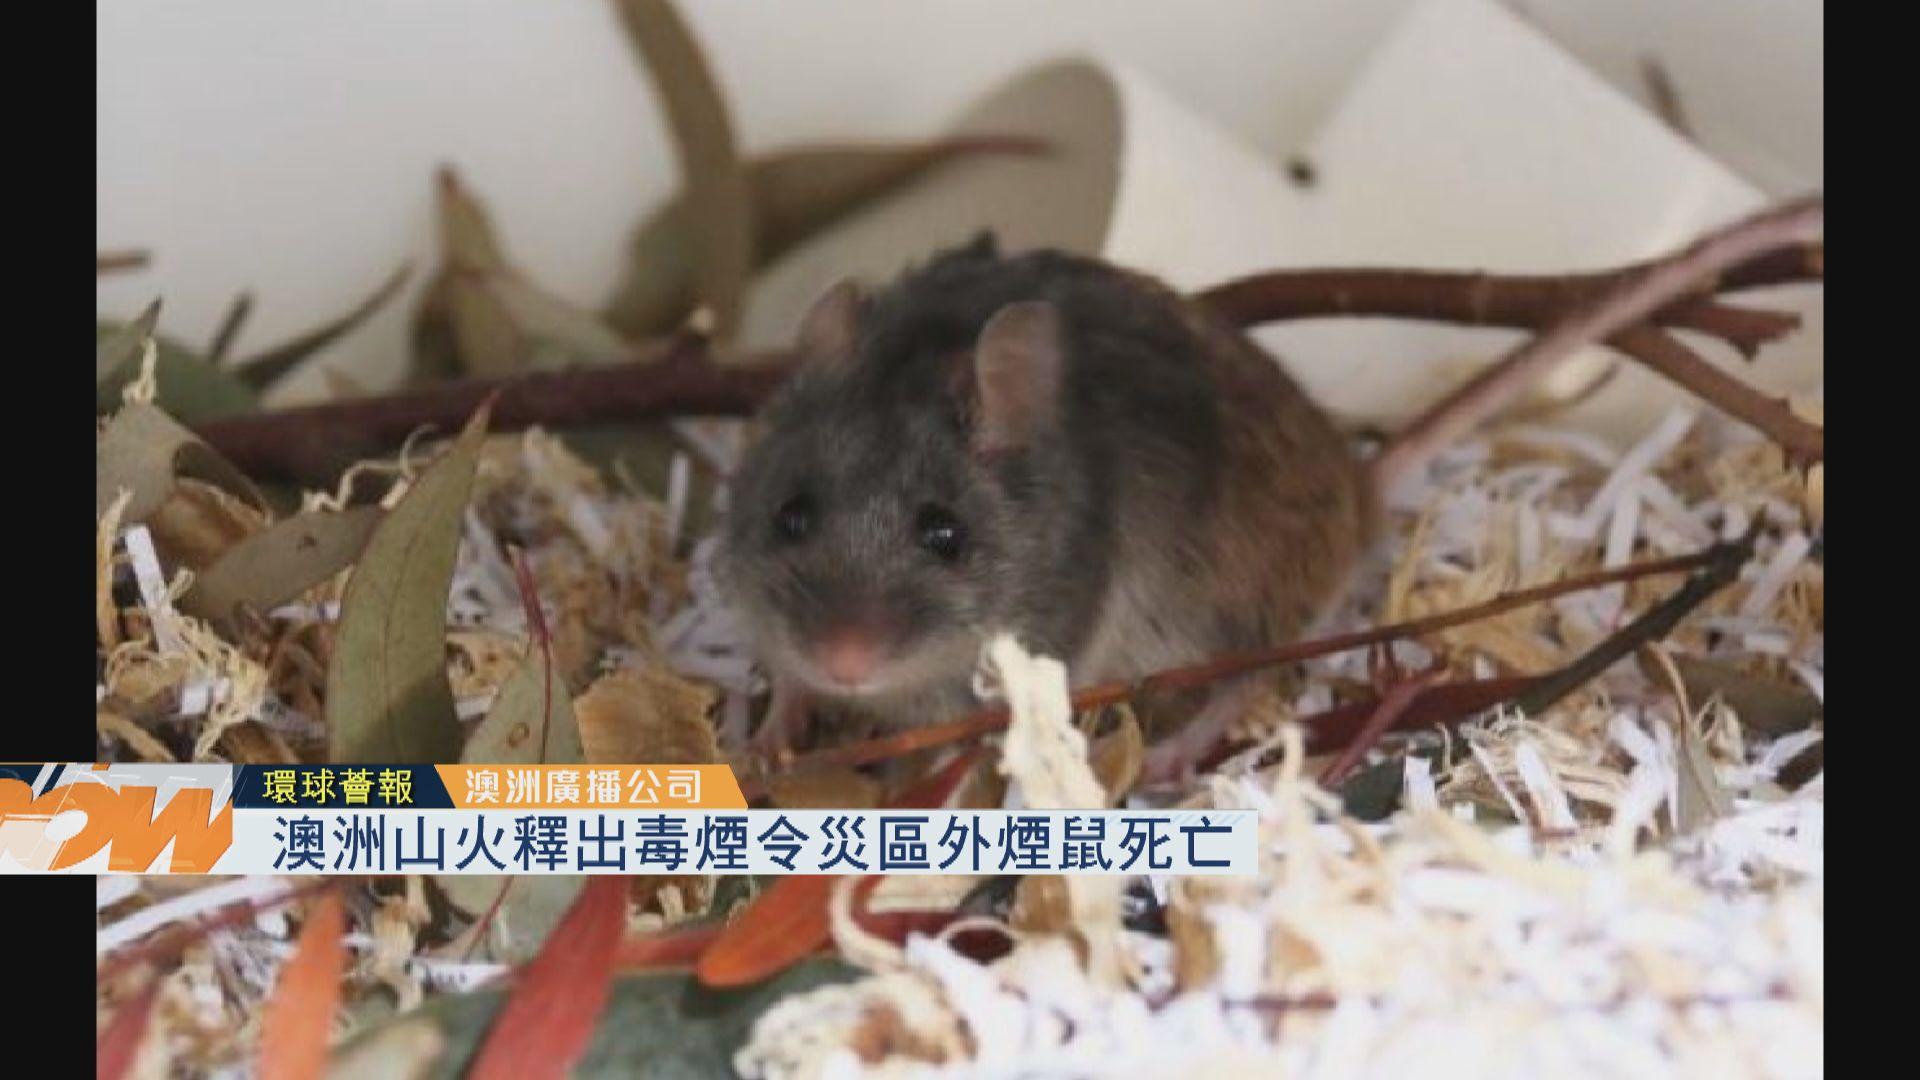 【環球薈報】澳洲山火釋出毒煙令災區外煙鼠死亡